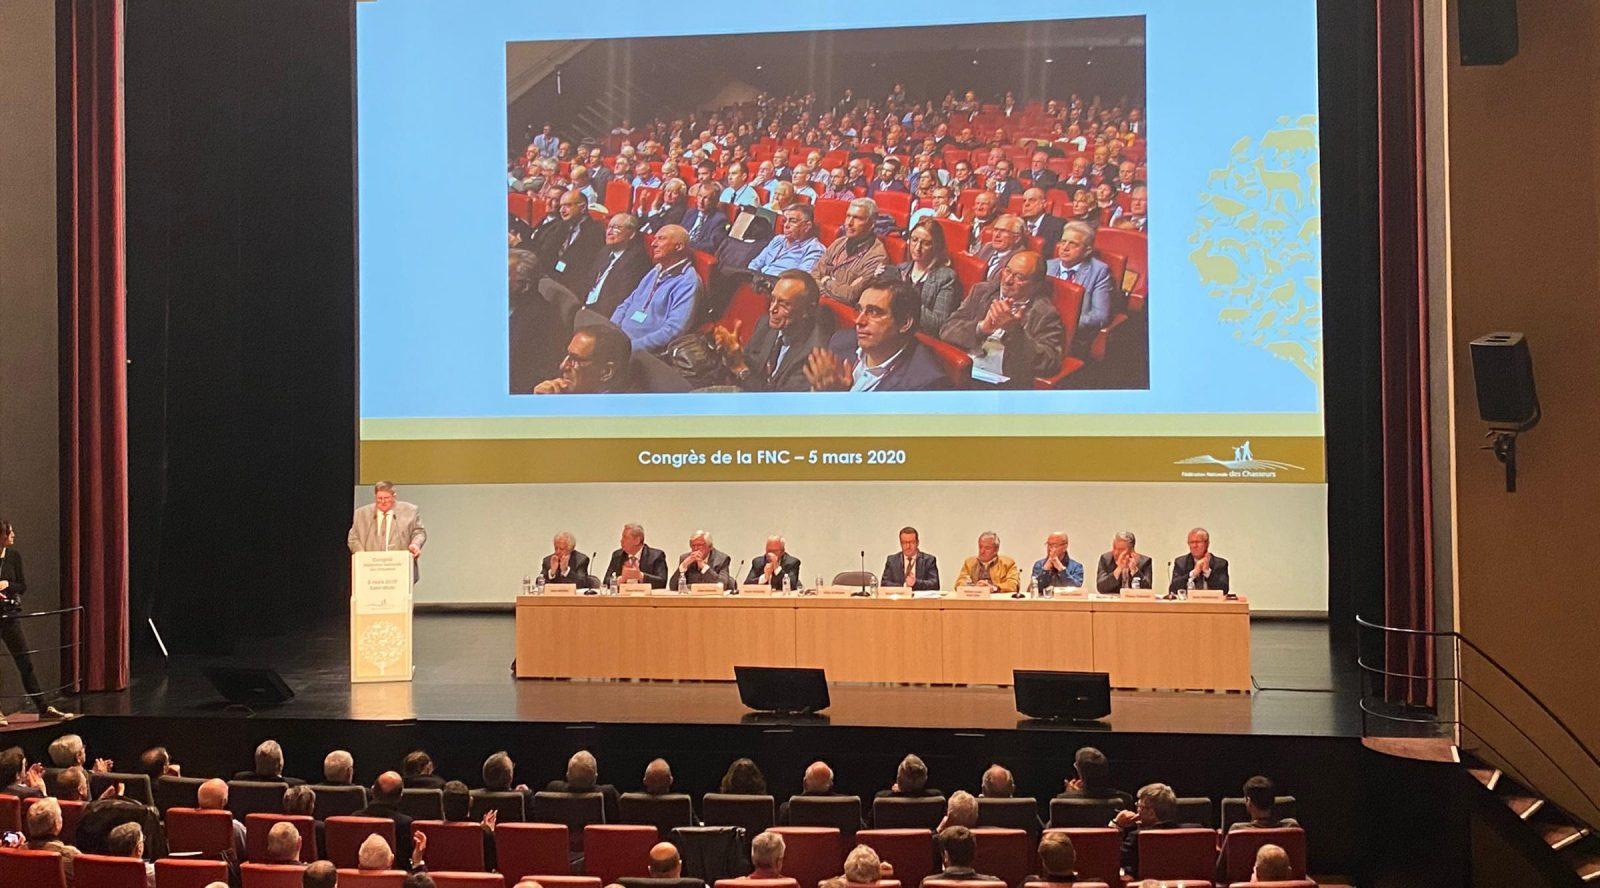 Congrès 2020 de la FNC chasse